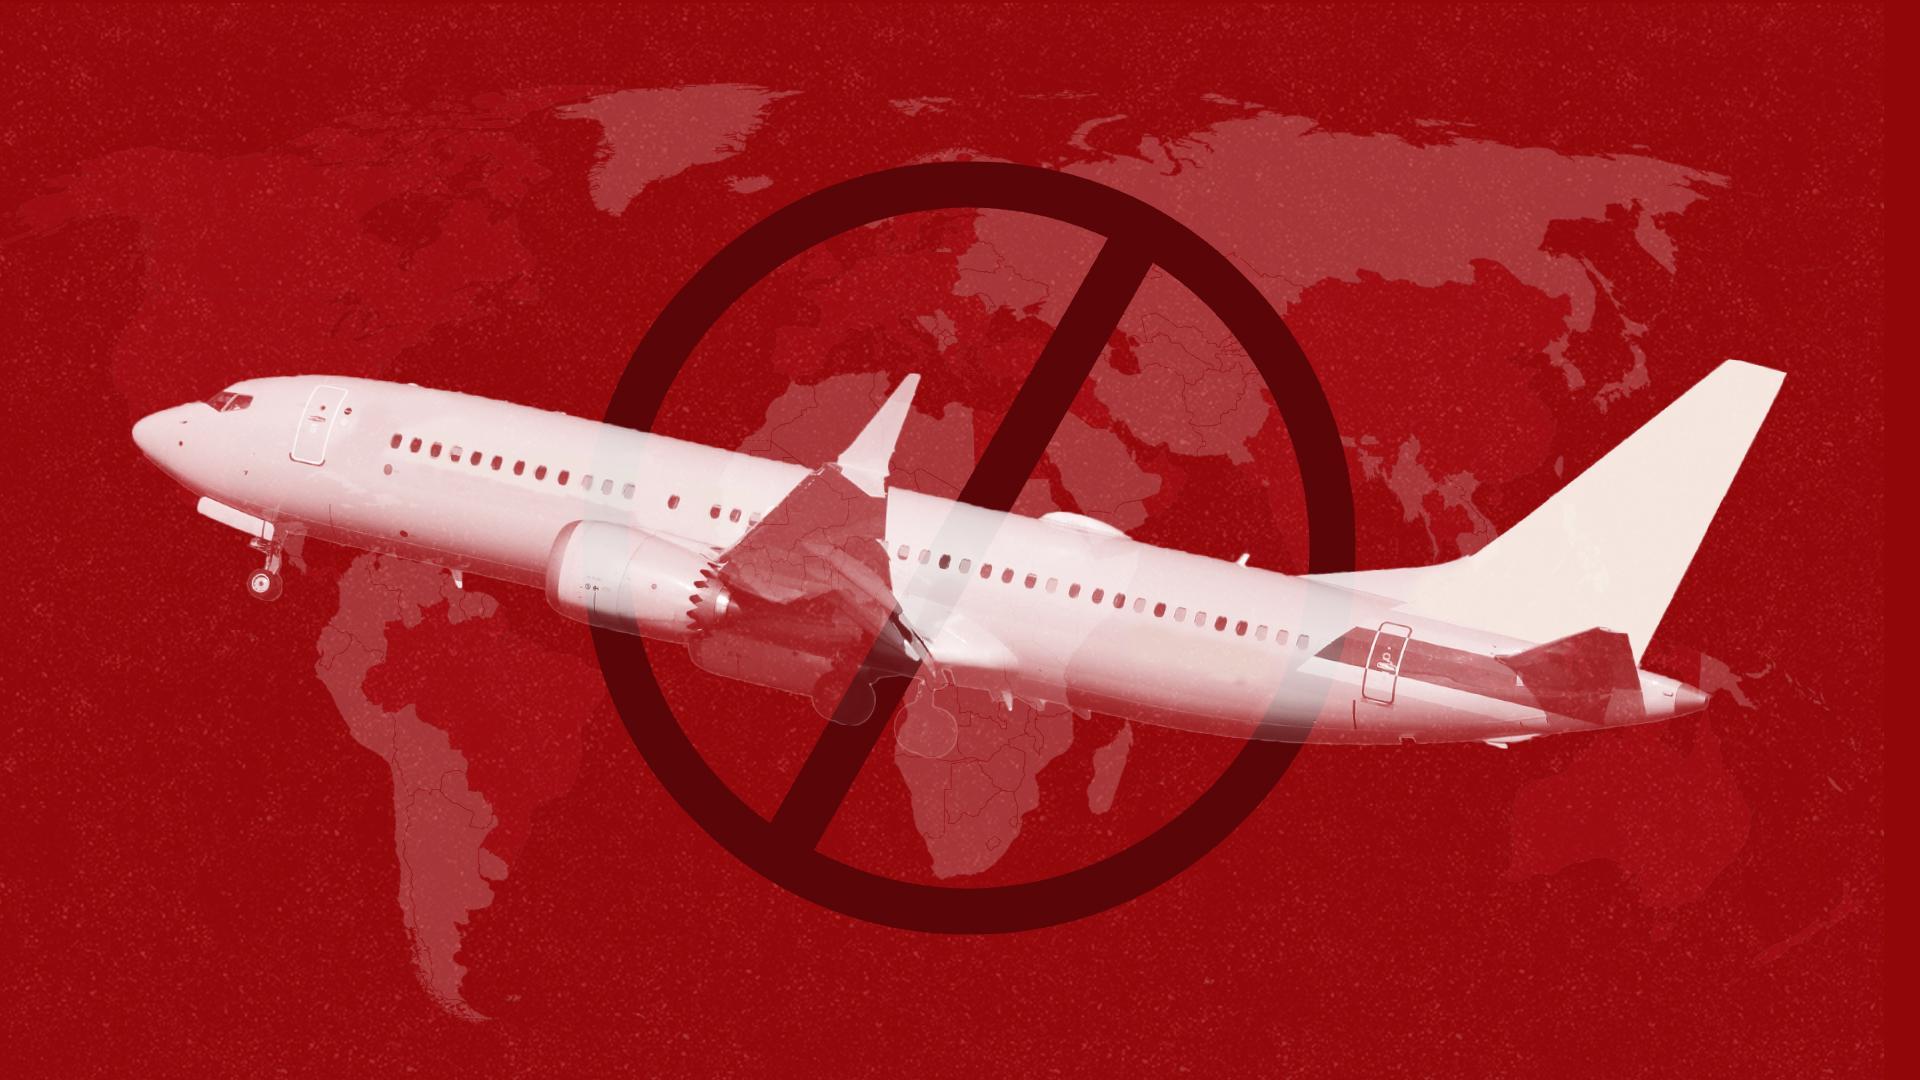 بوينغ 737 ماكس لن تطير حتى مارس